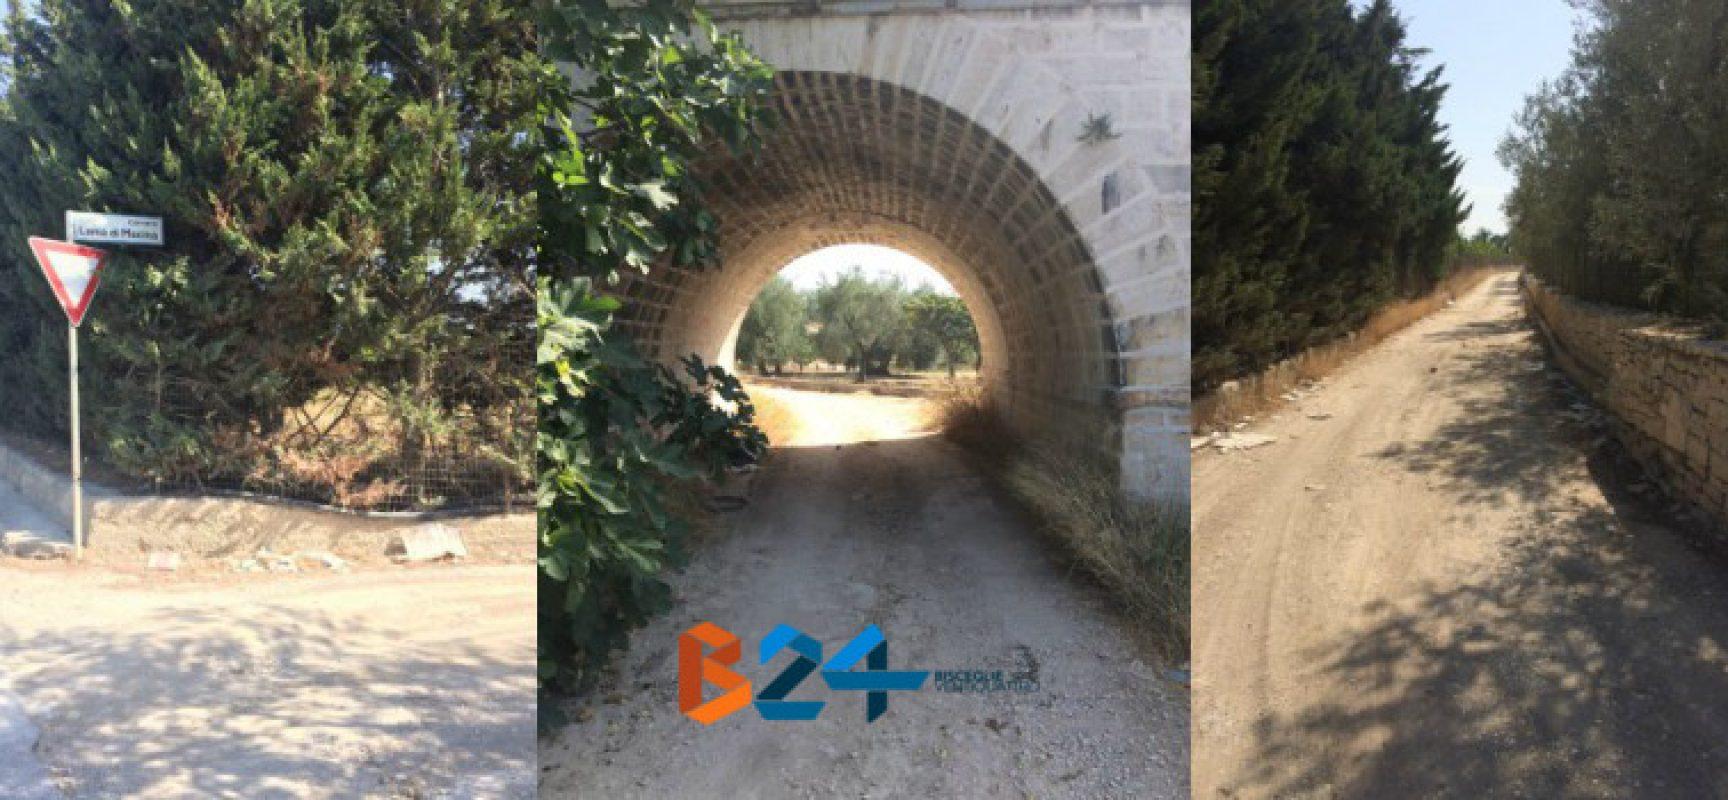 Percorso ciclabile Bisceglie-Ruvo, approvato il progetto del gruppo Ripalta area protetta